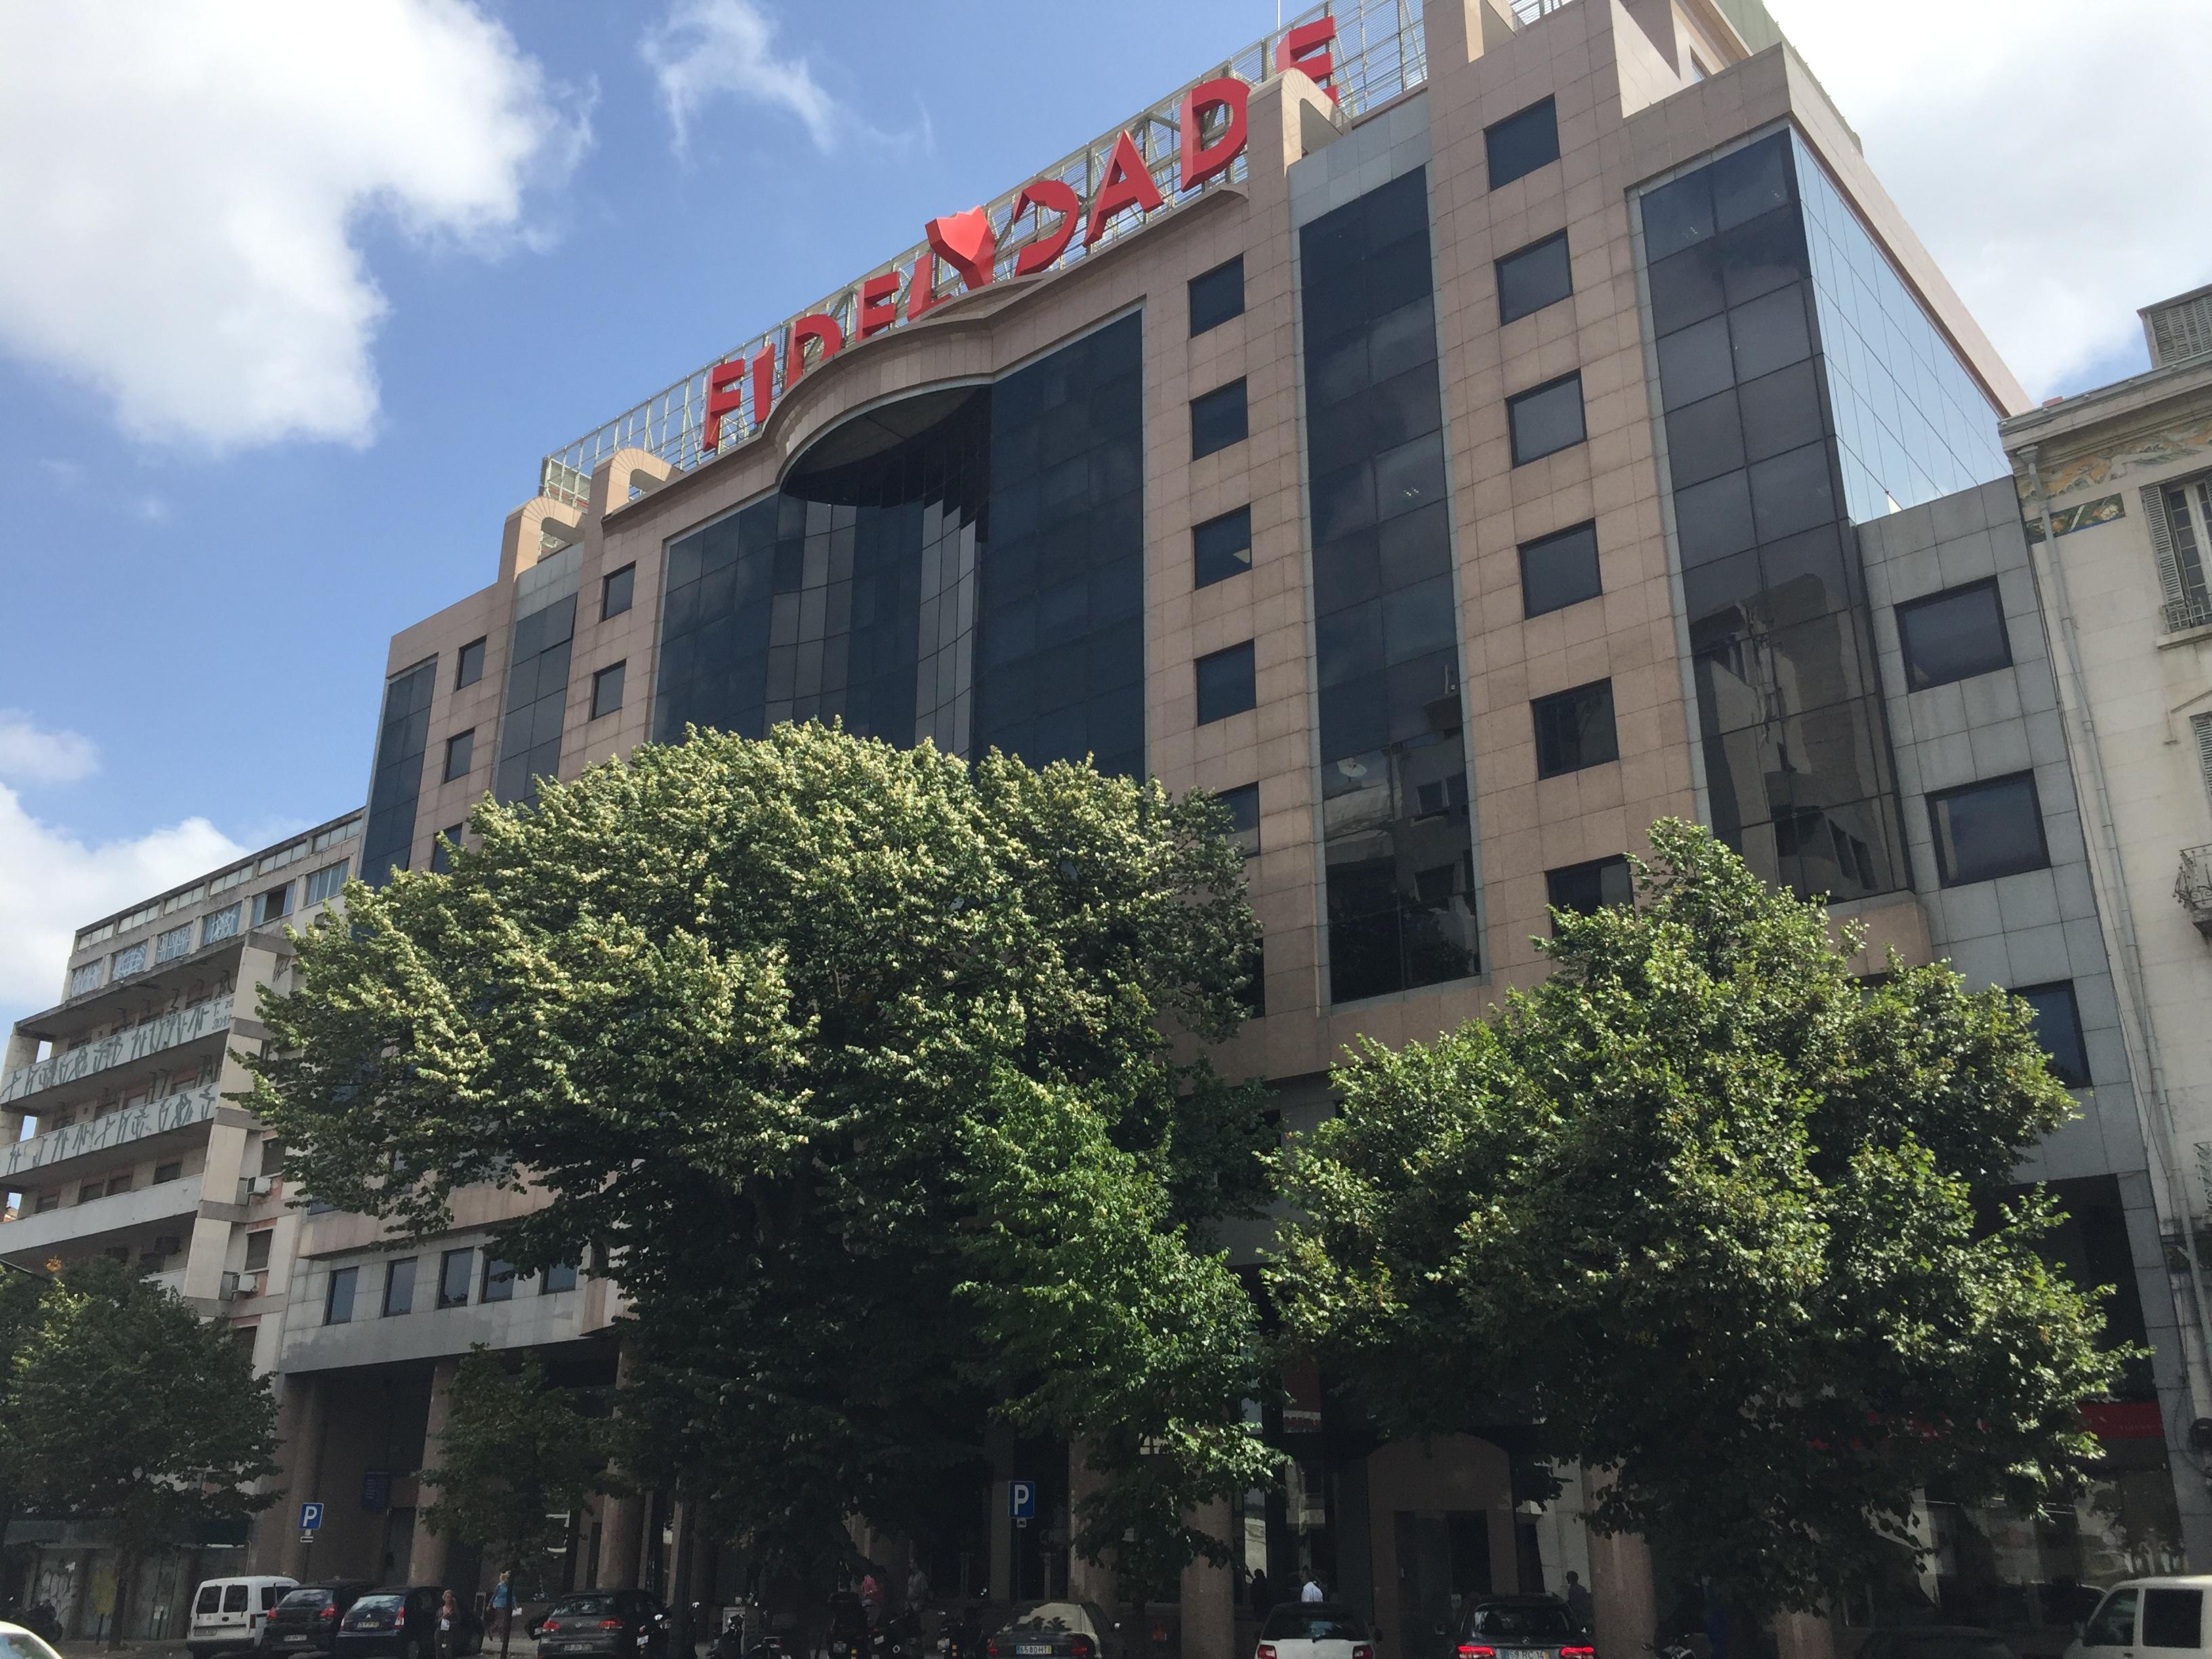 Edifício Alexandre Herculano 53, em Lisboa